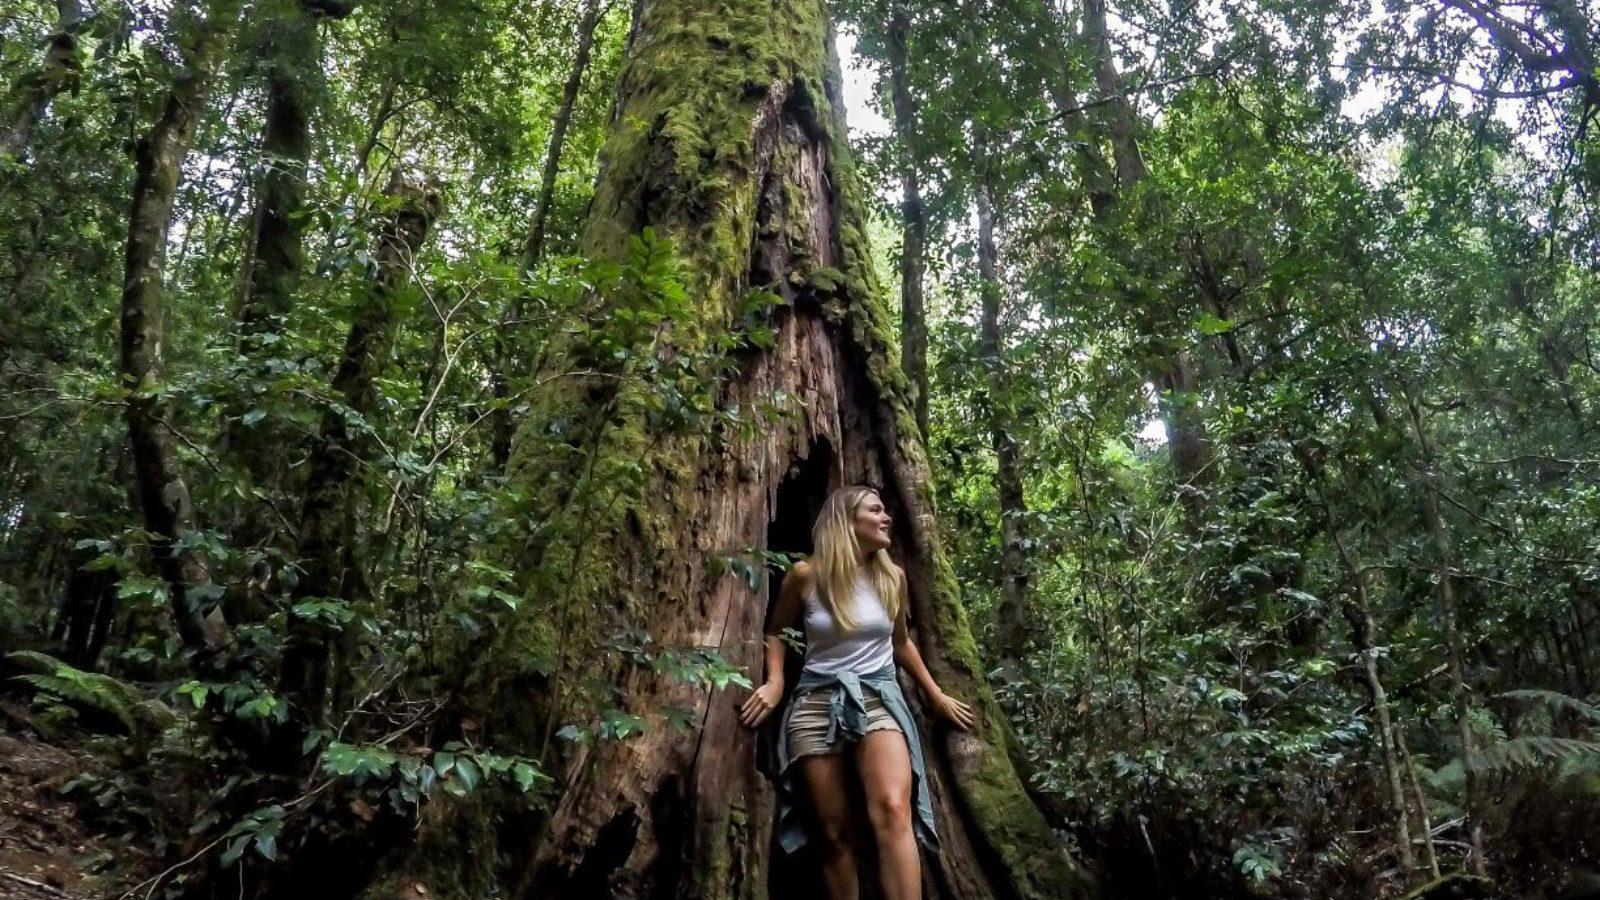 Barrington Tops mossy tree